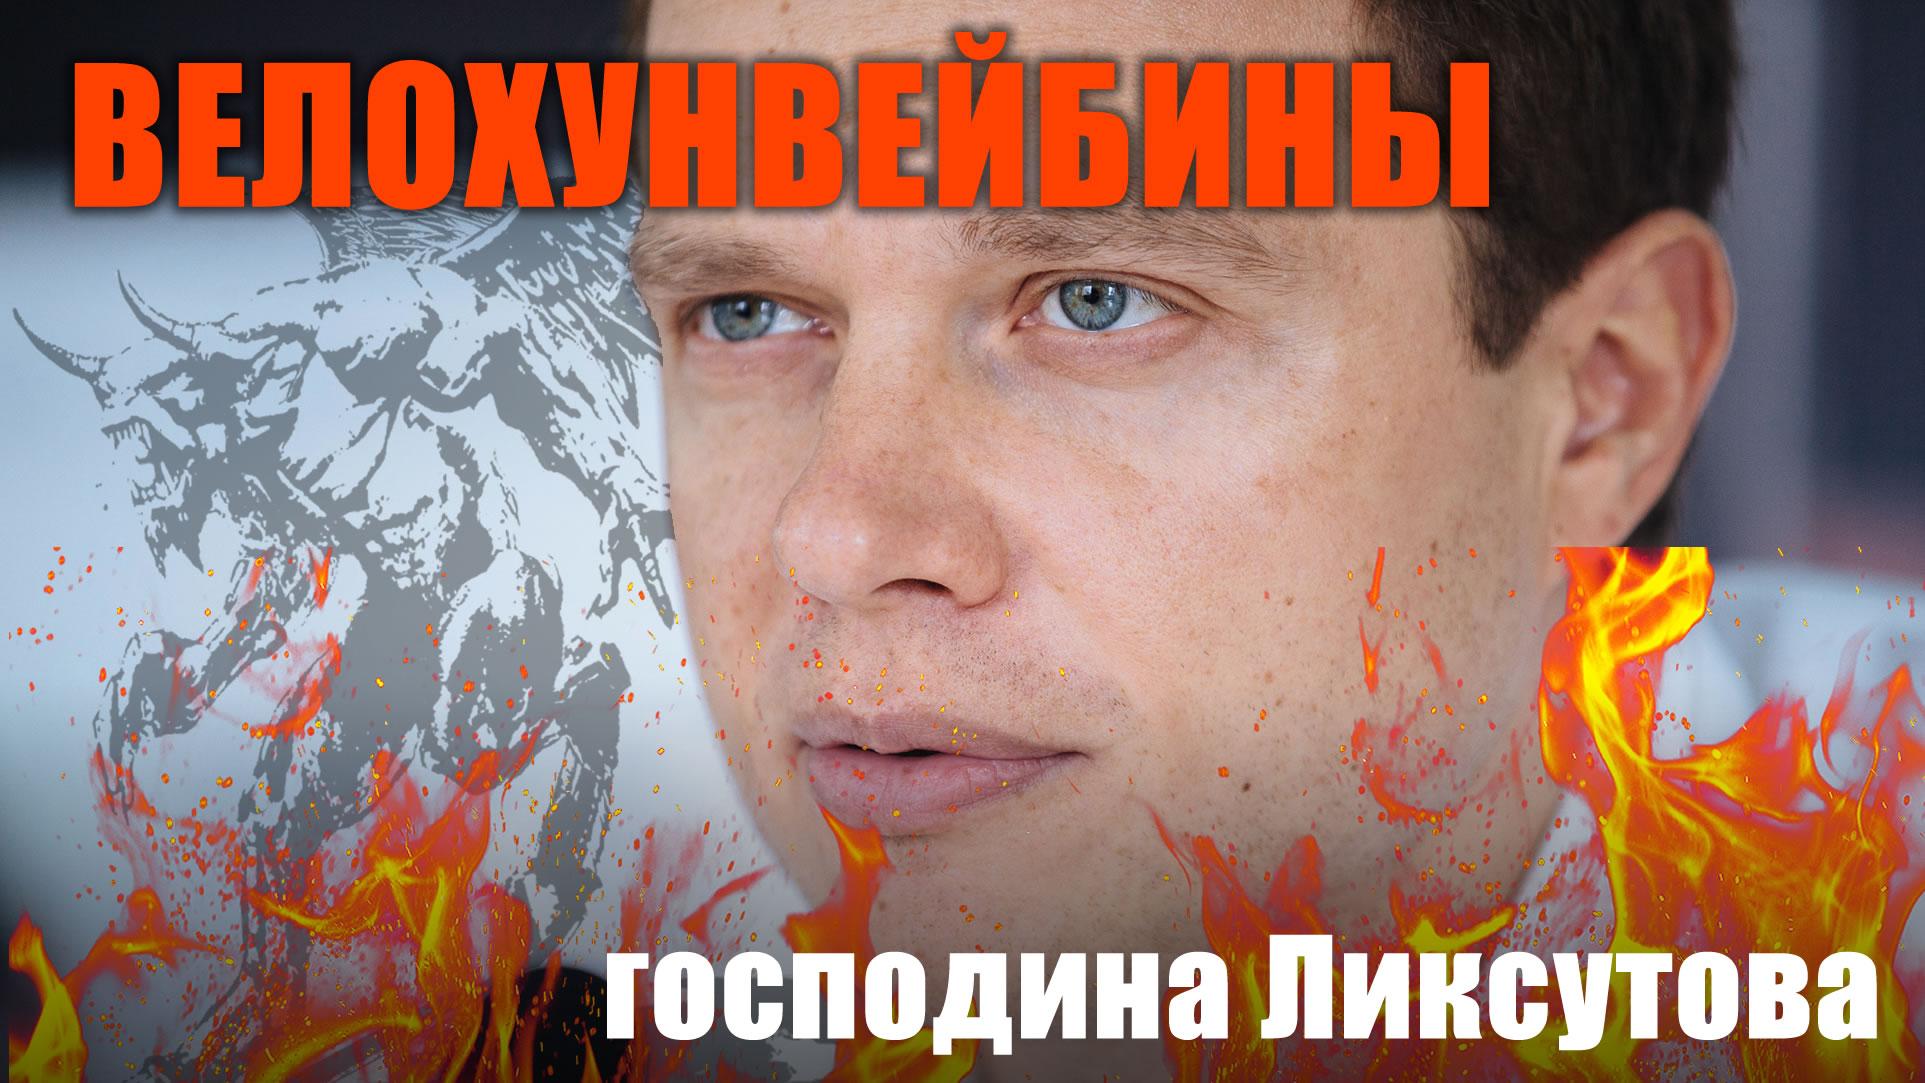 Велохунвейбины господина Ликсутова